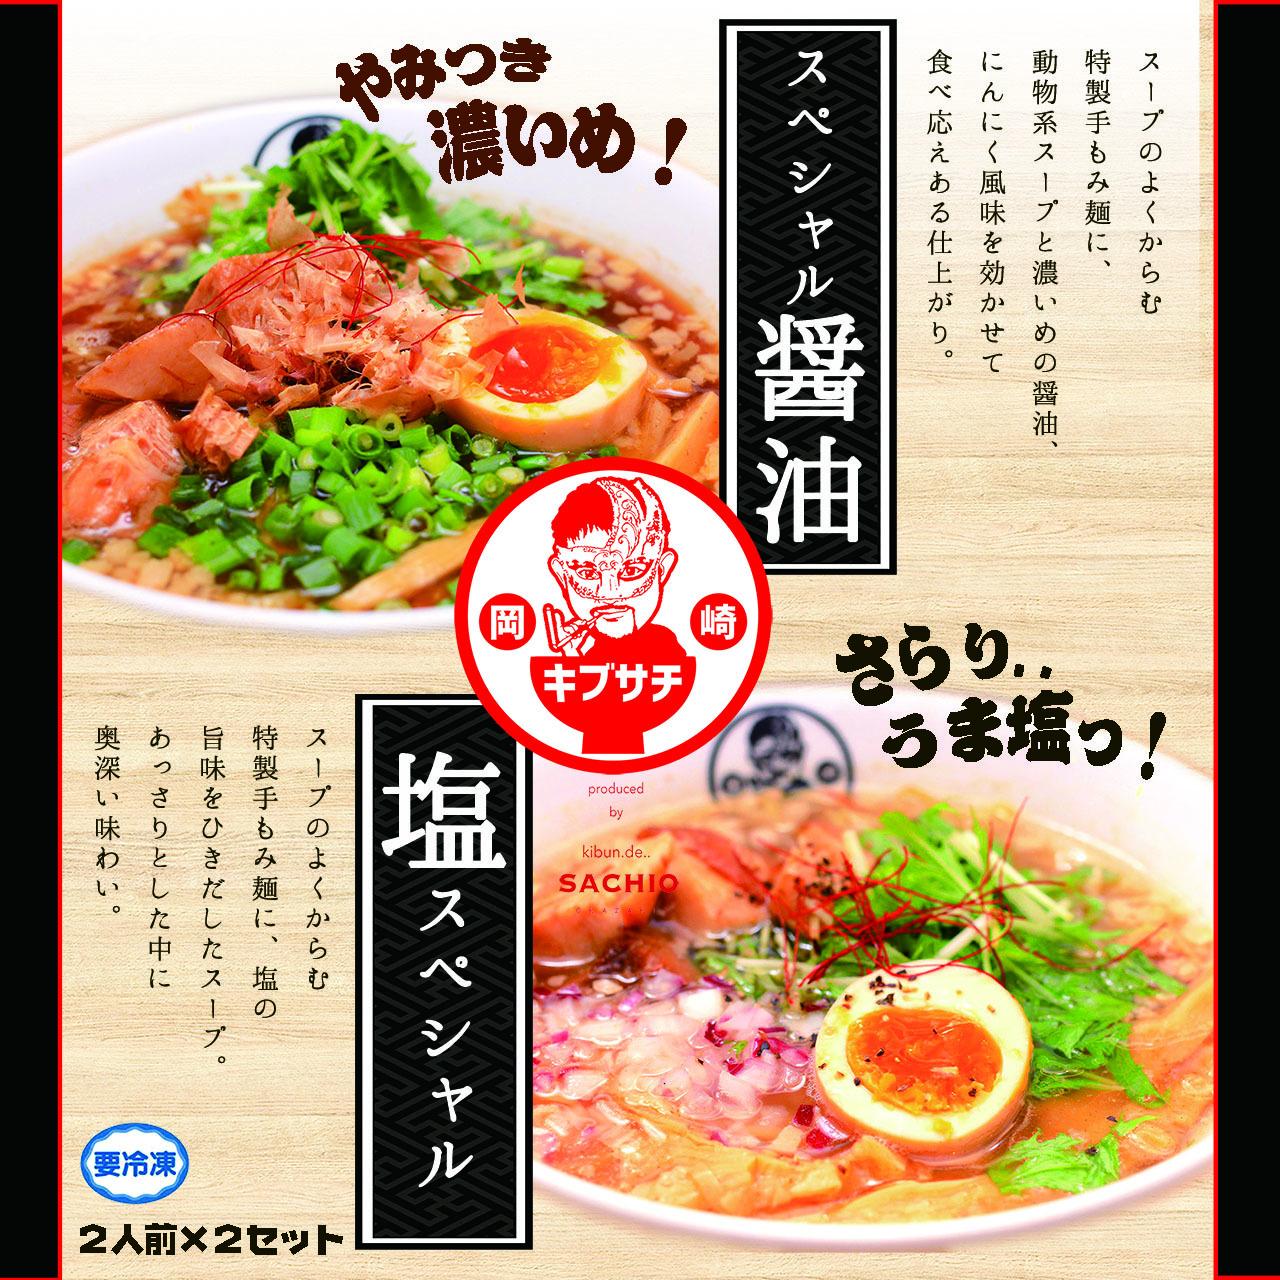 キブサチ塩スペシャル・スペシャル醤油 セット